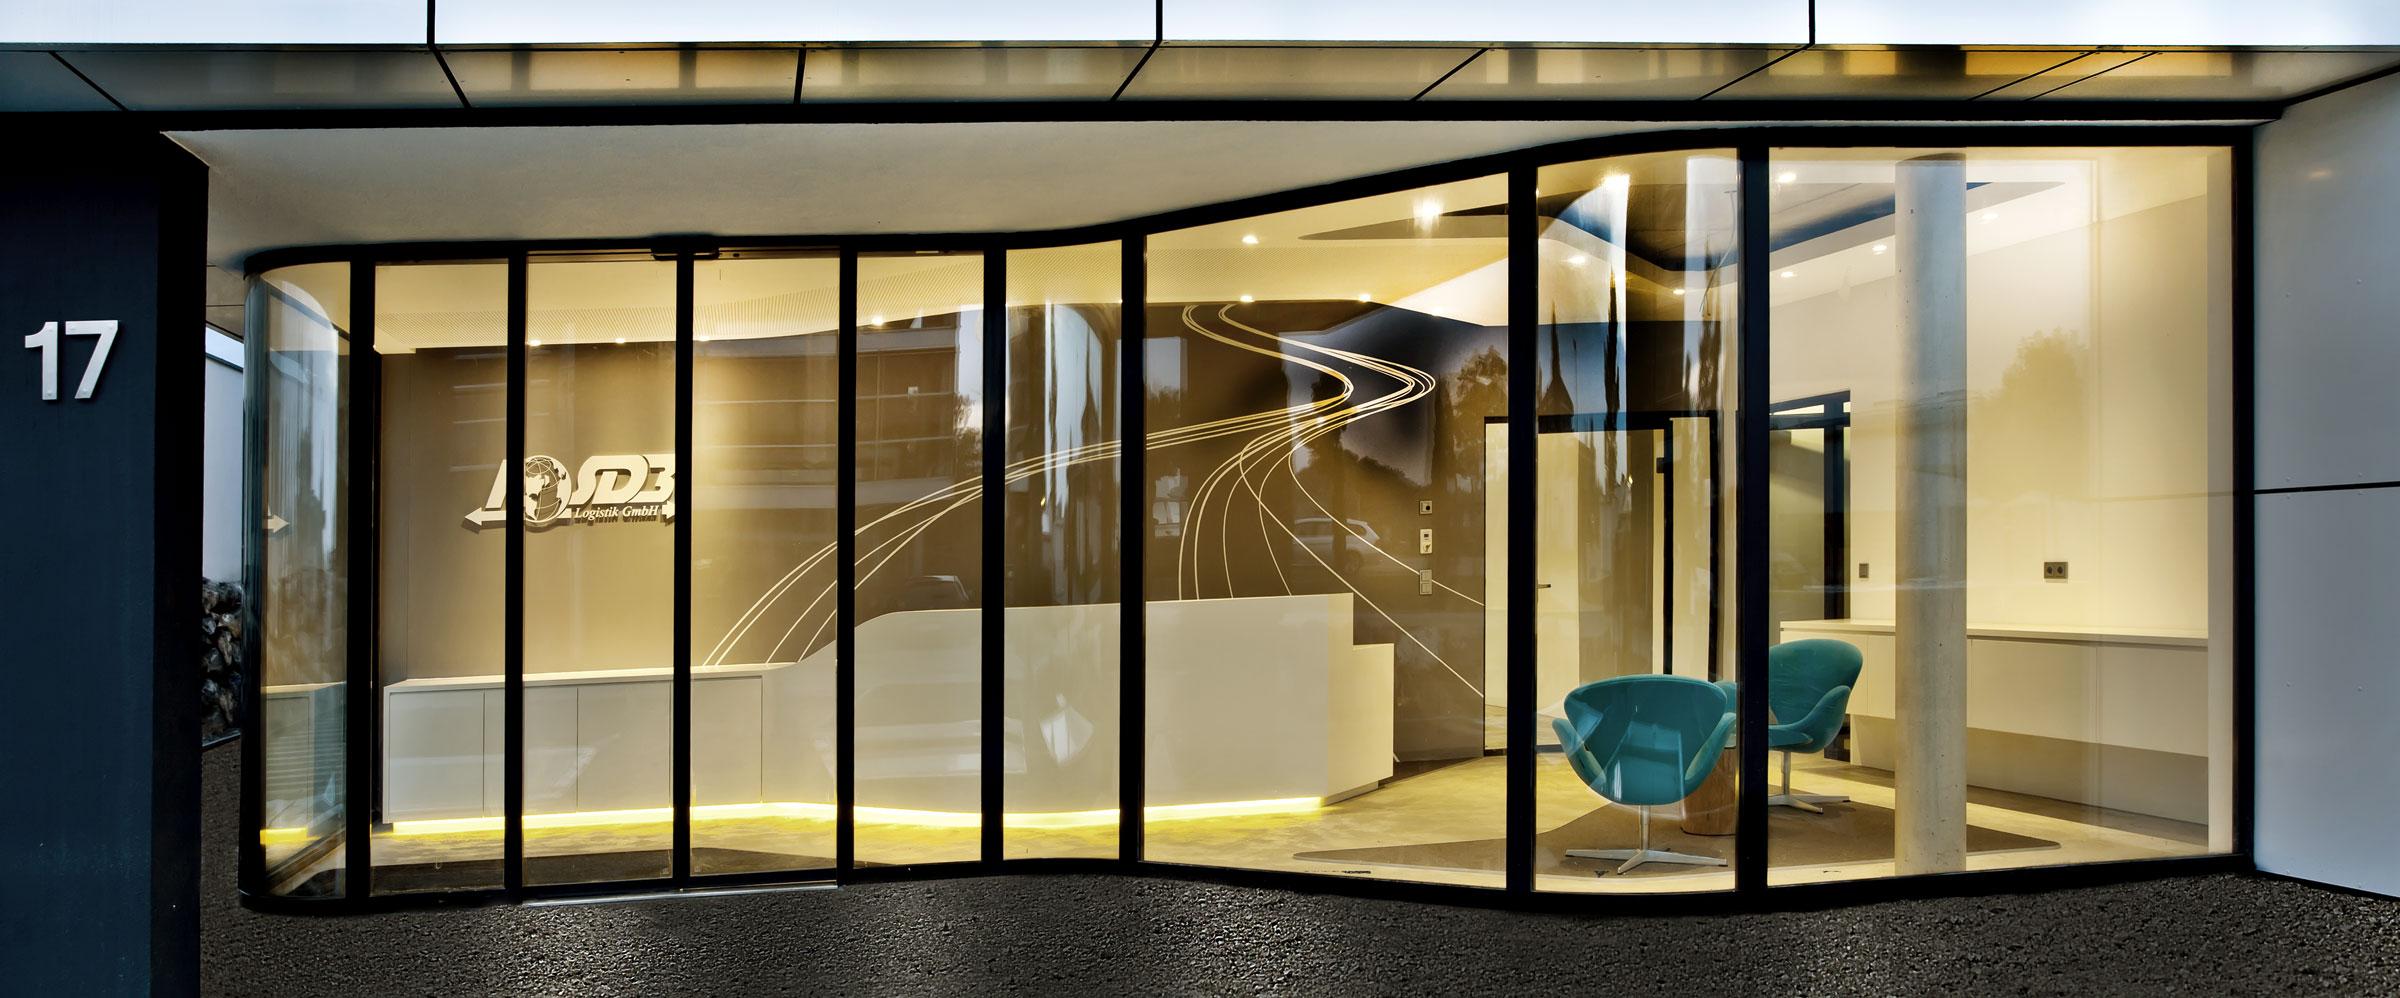 ISDB Bürogebäude, Friedrichshafen